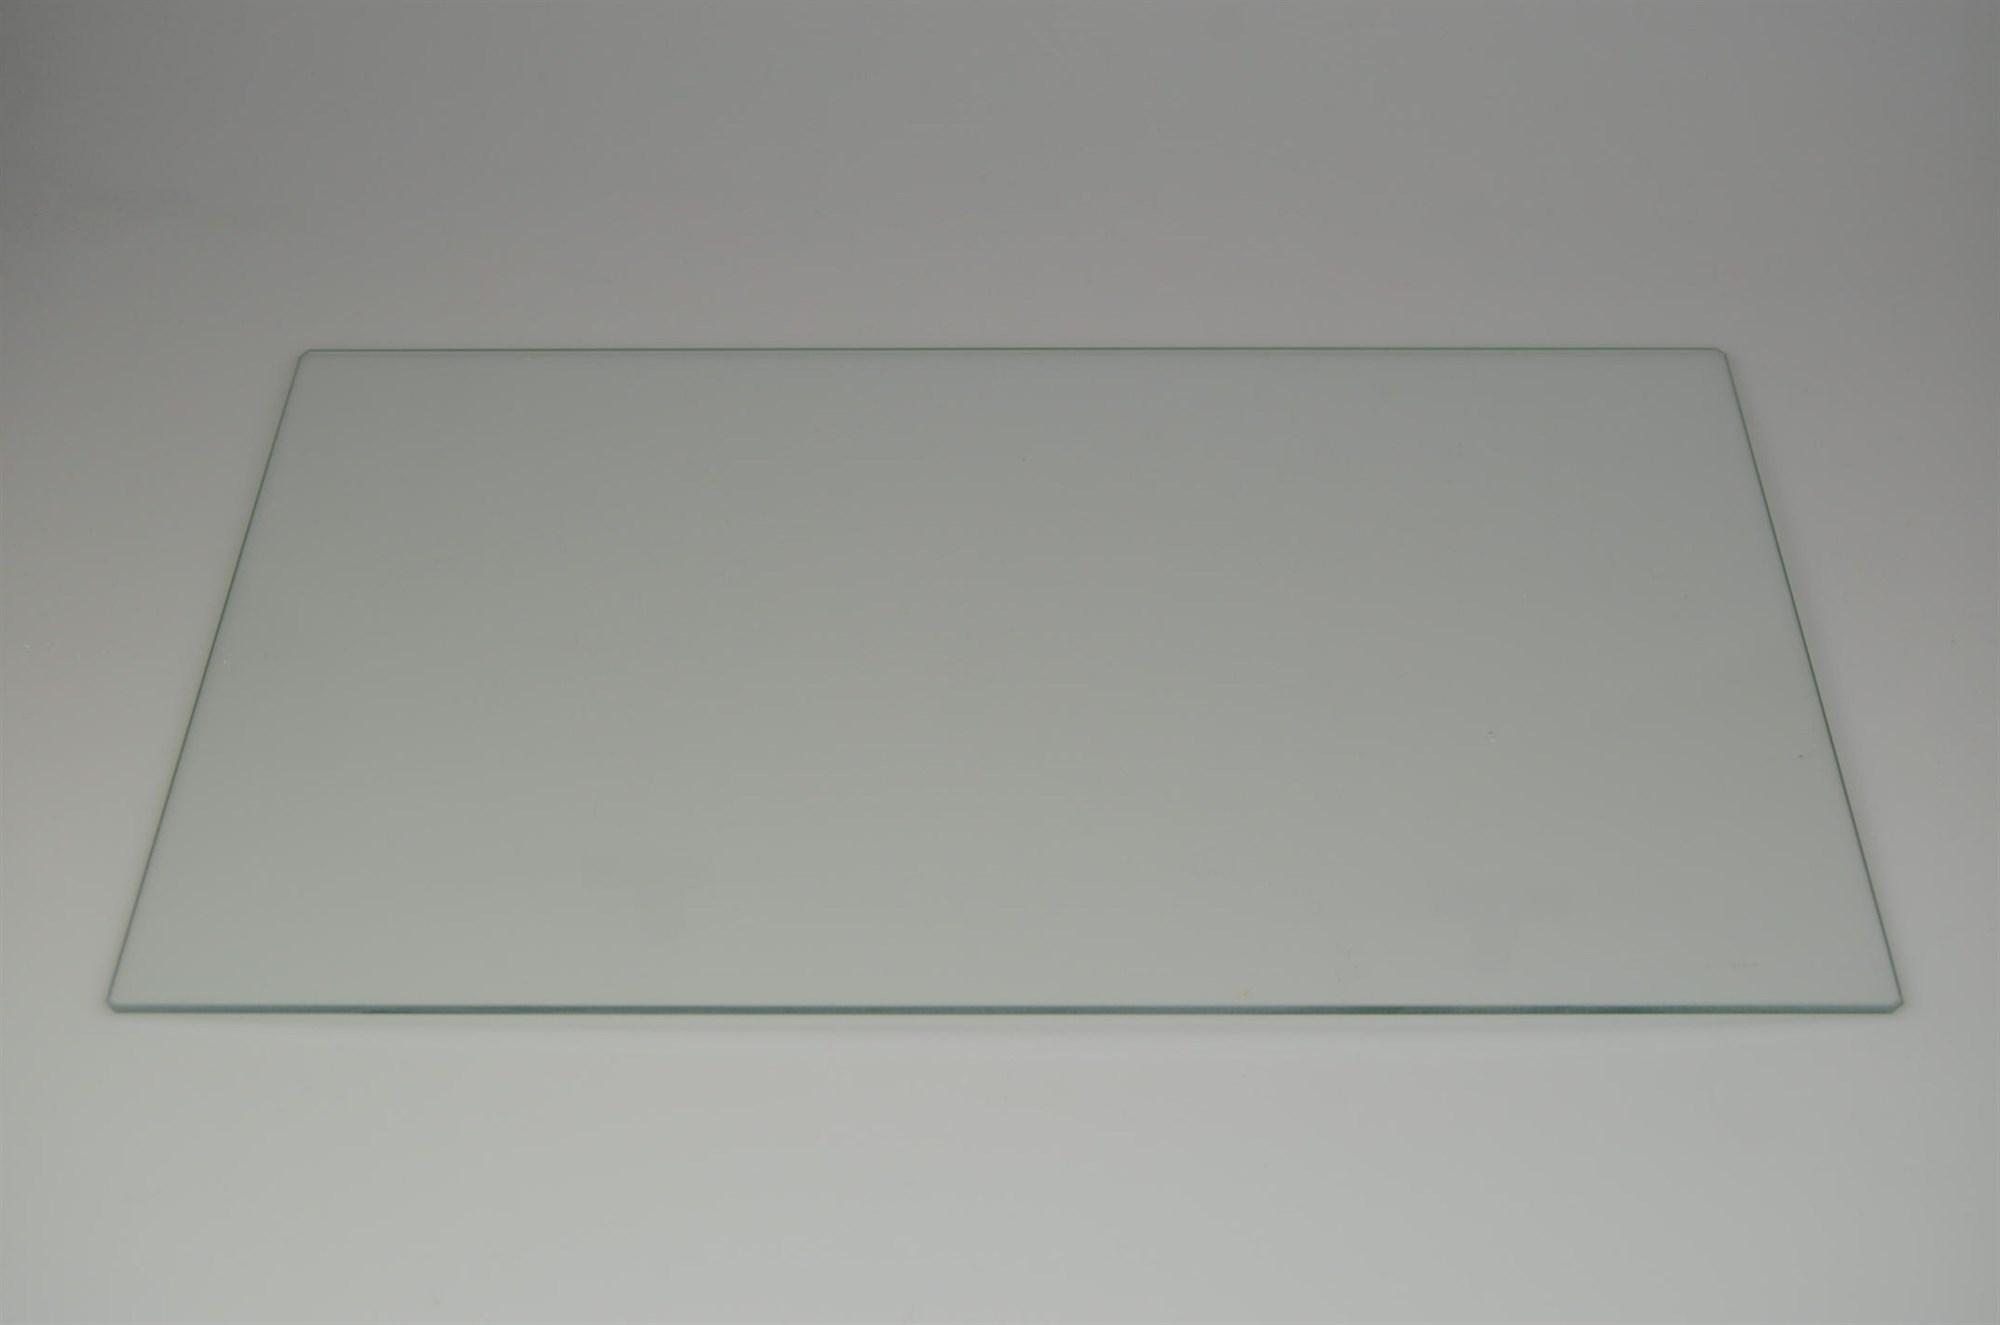 Kühlschrank Juno : Glasplatte juno electrolux kühl gefrierschrank mm mm